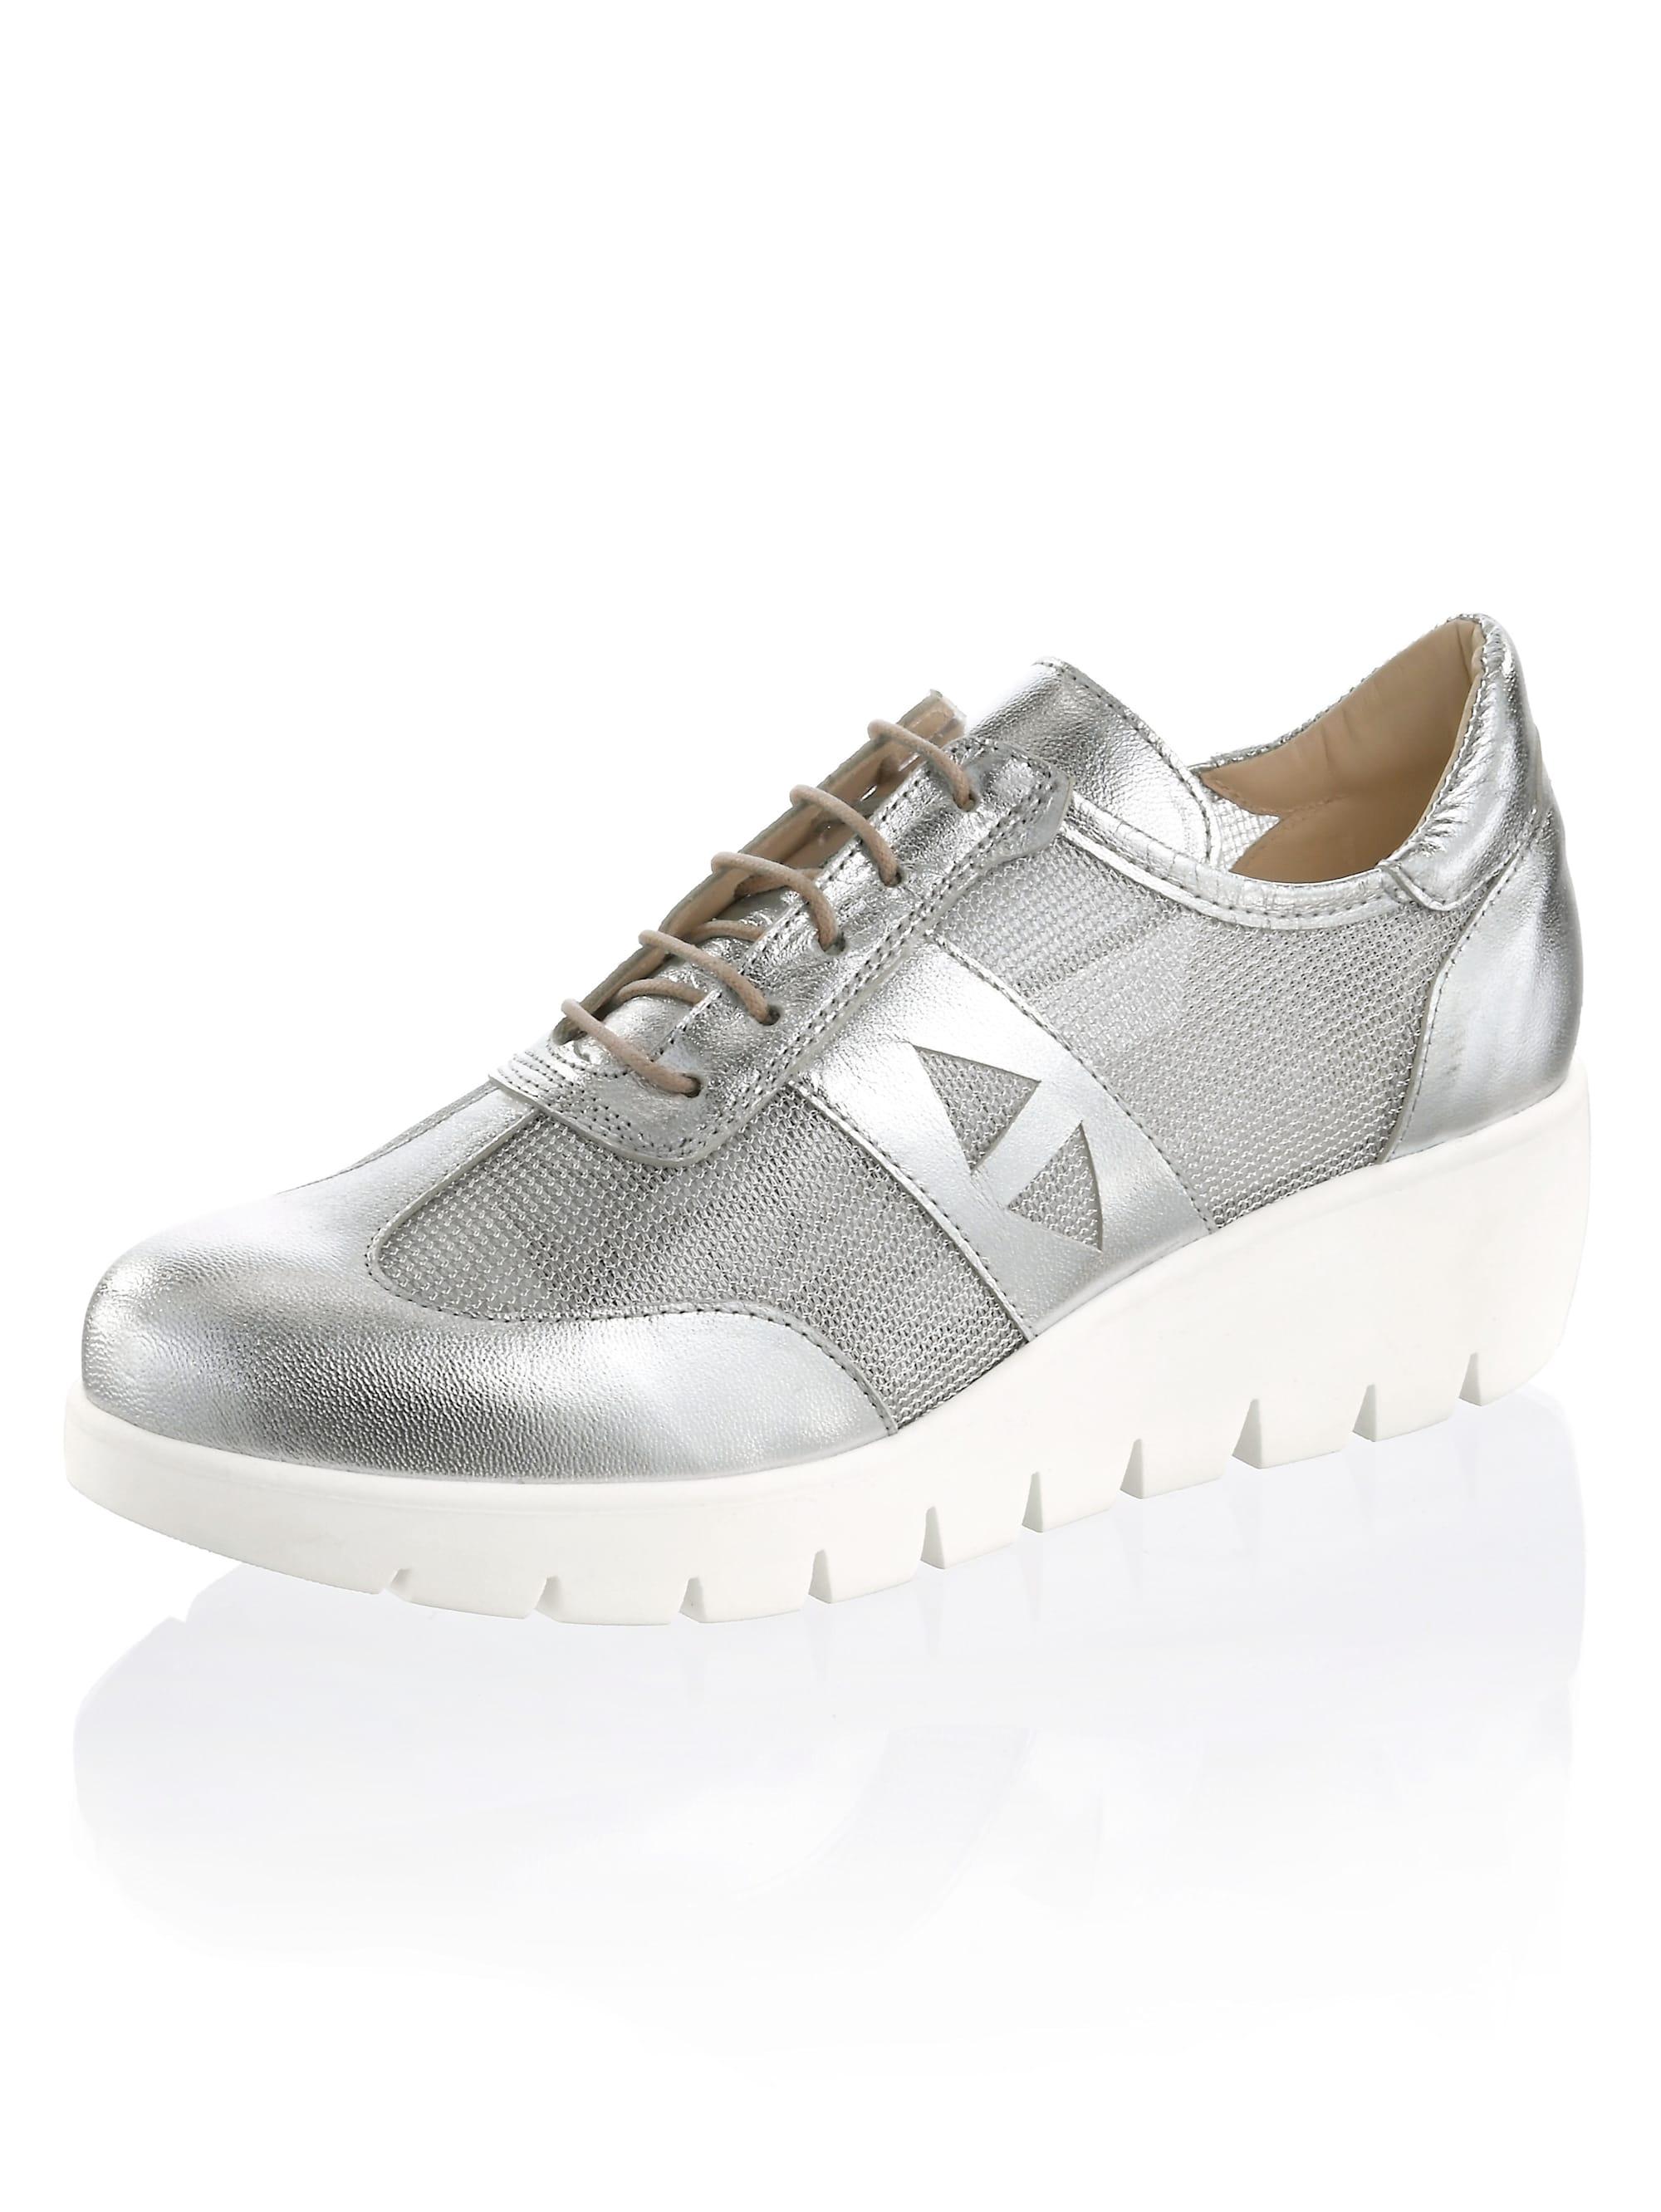 alba moda -  Sneaker, in allover Metallic